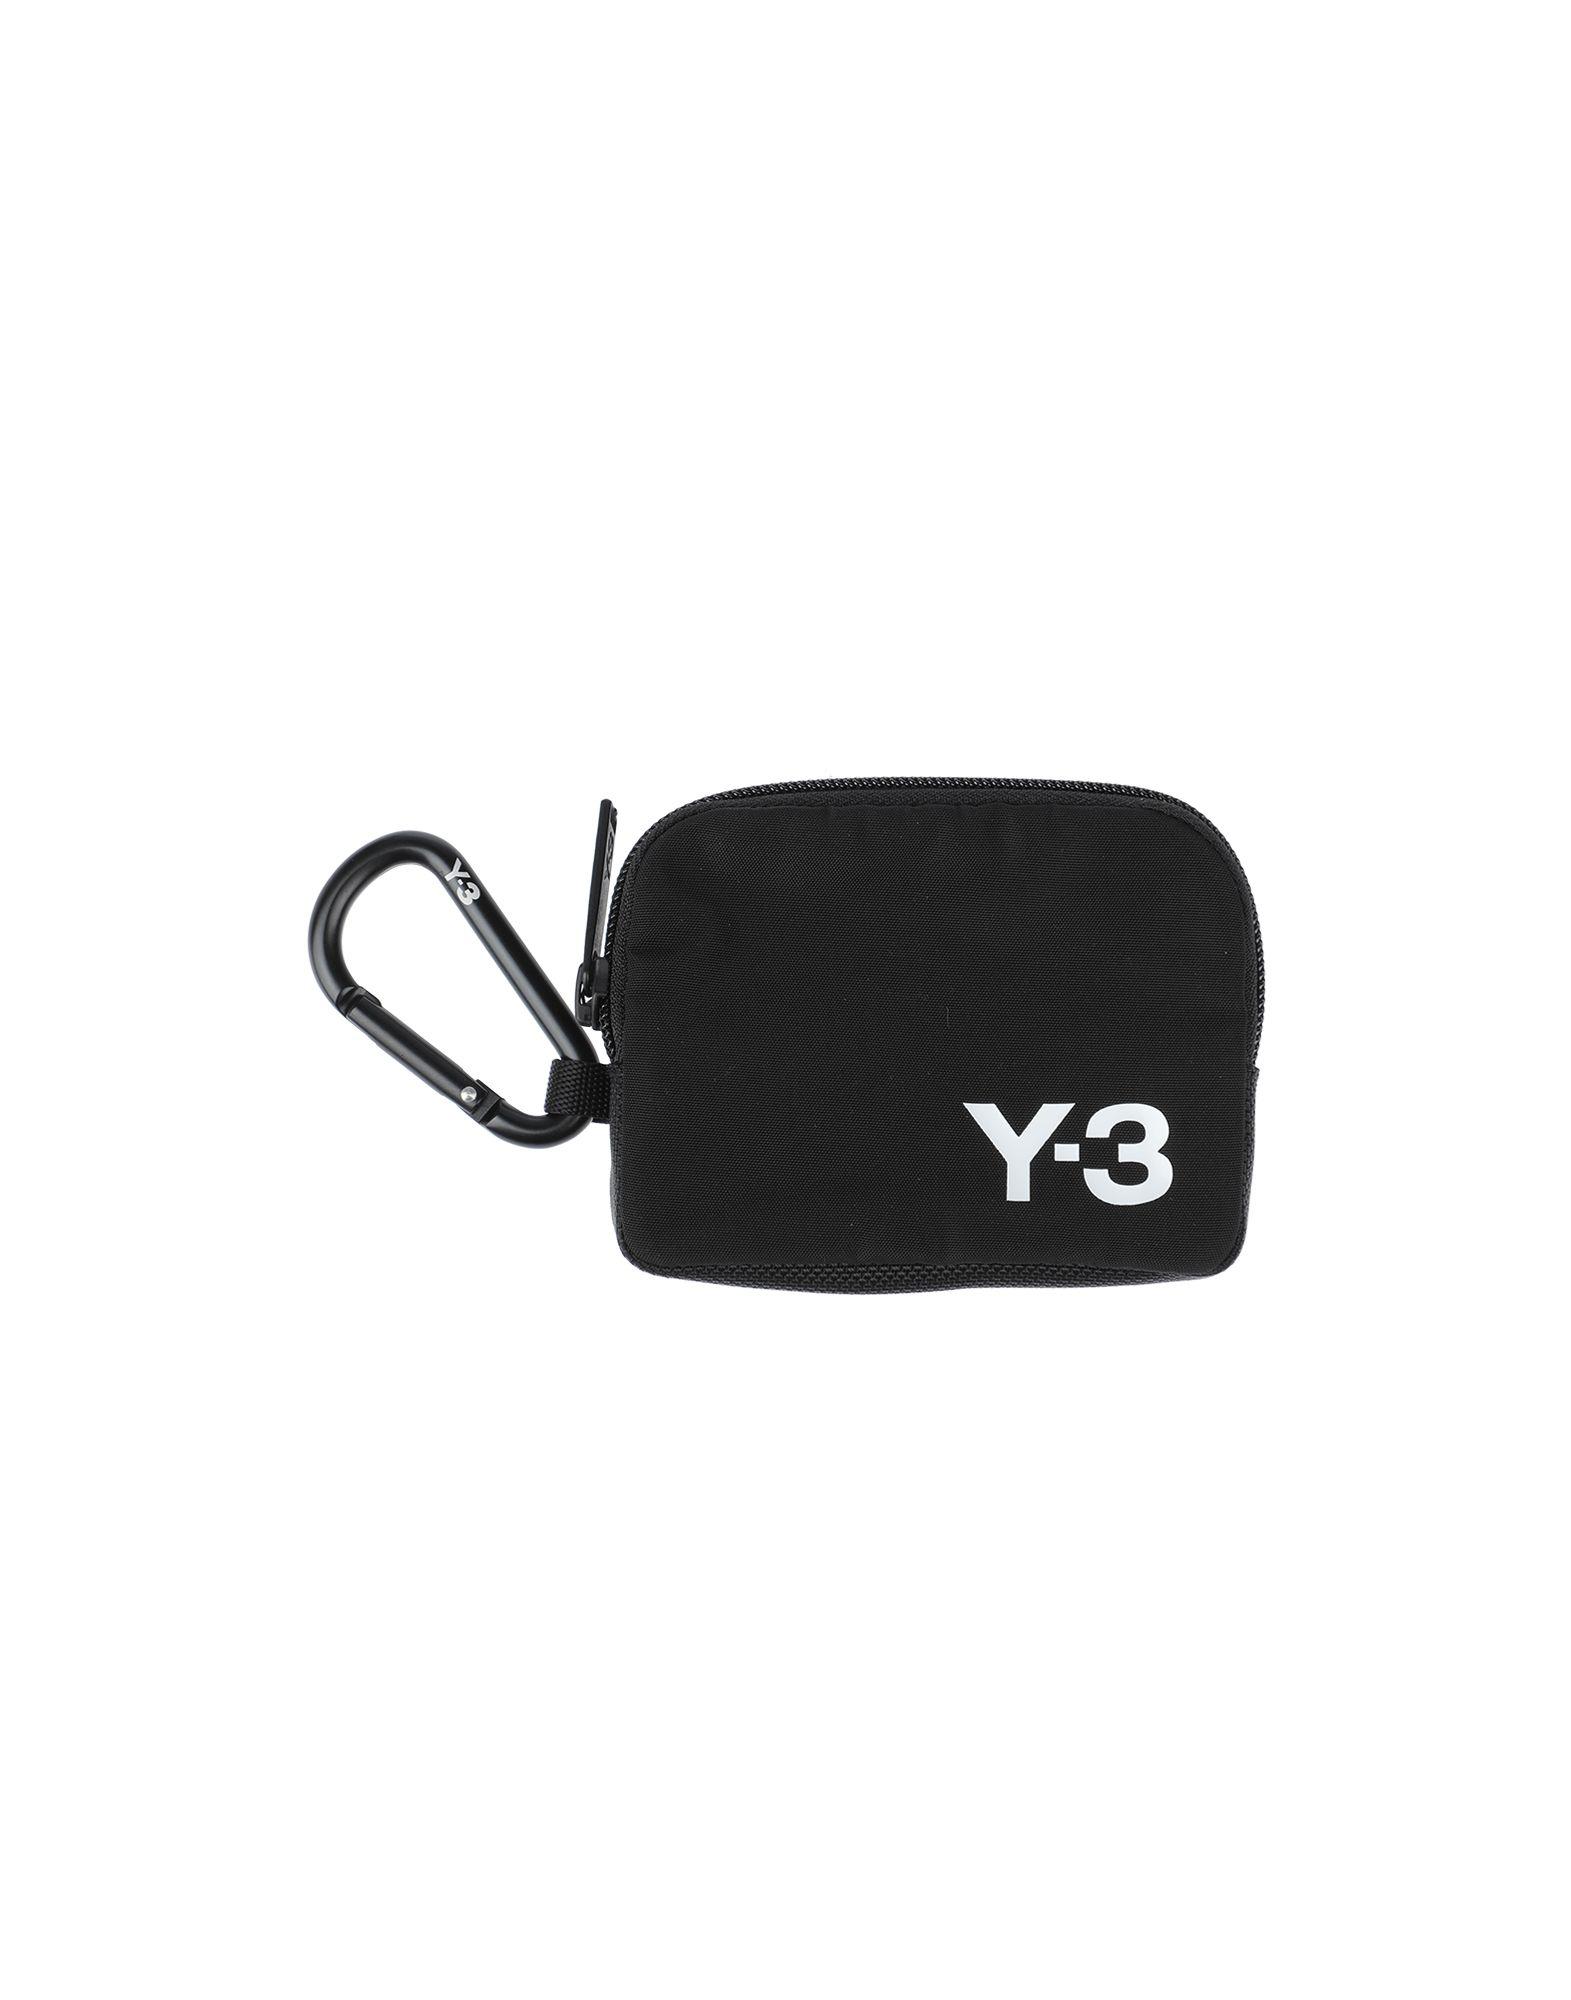 Y-3 ワイスリー メンズ 小銭入れ ブラック